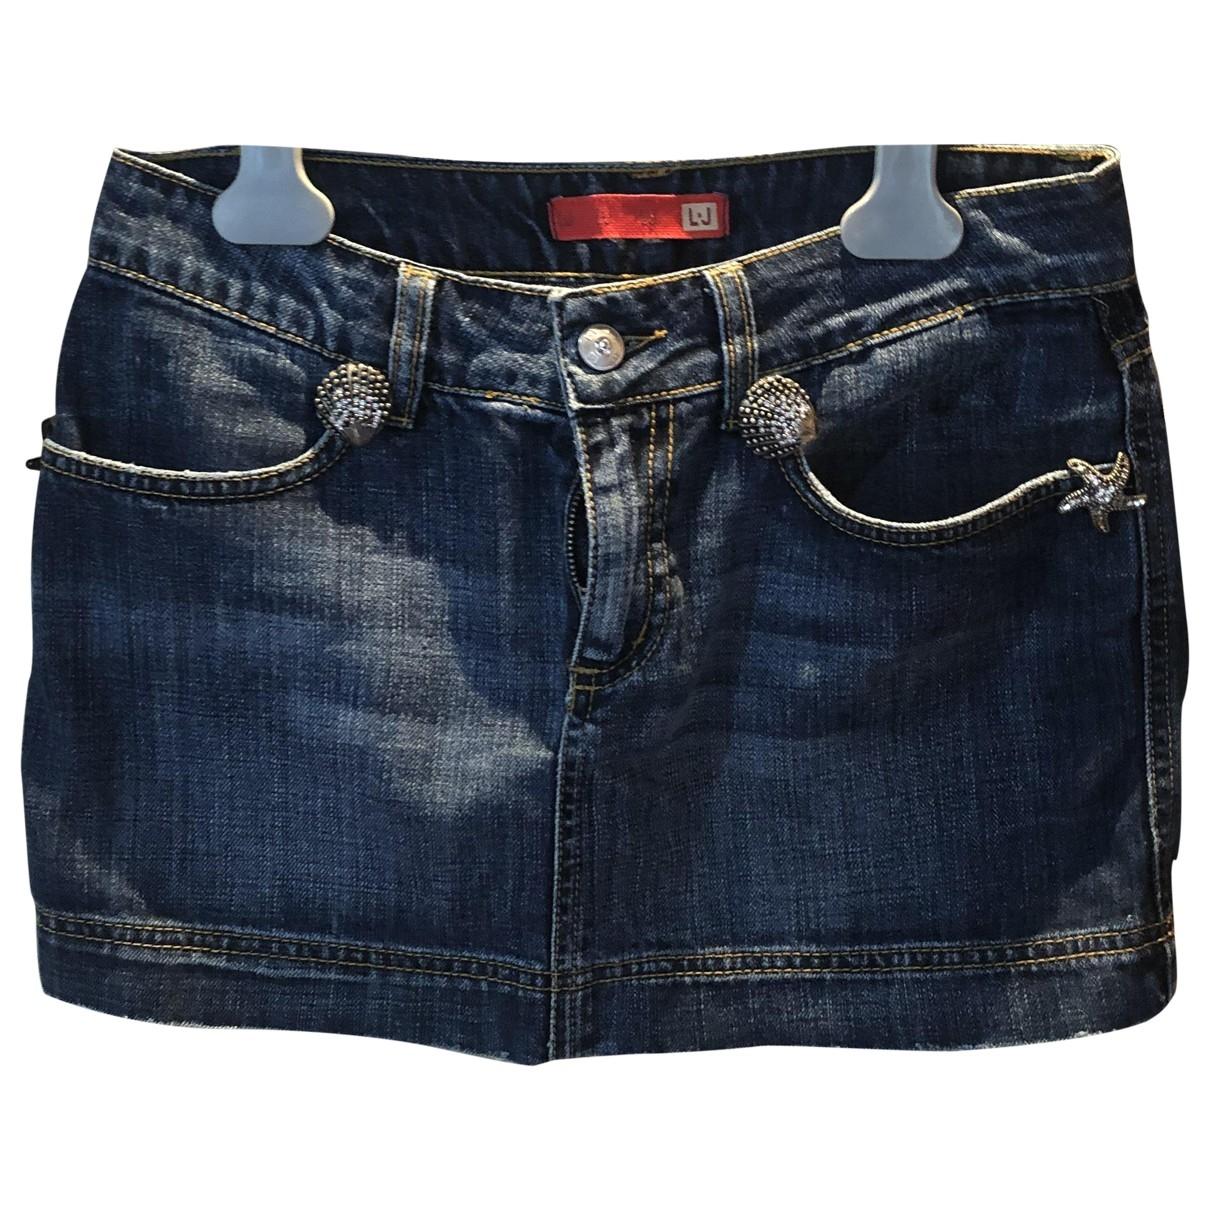 Liu.jo \N Rocke in  Blau Denim - Jeans